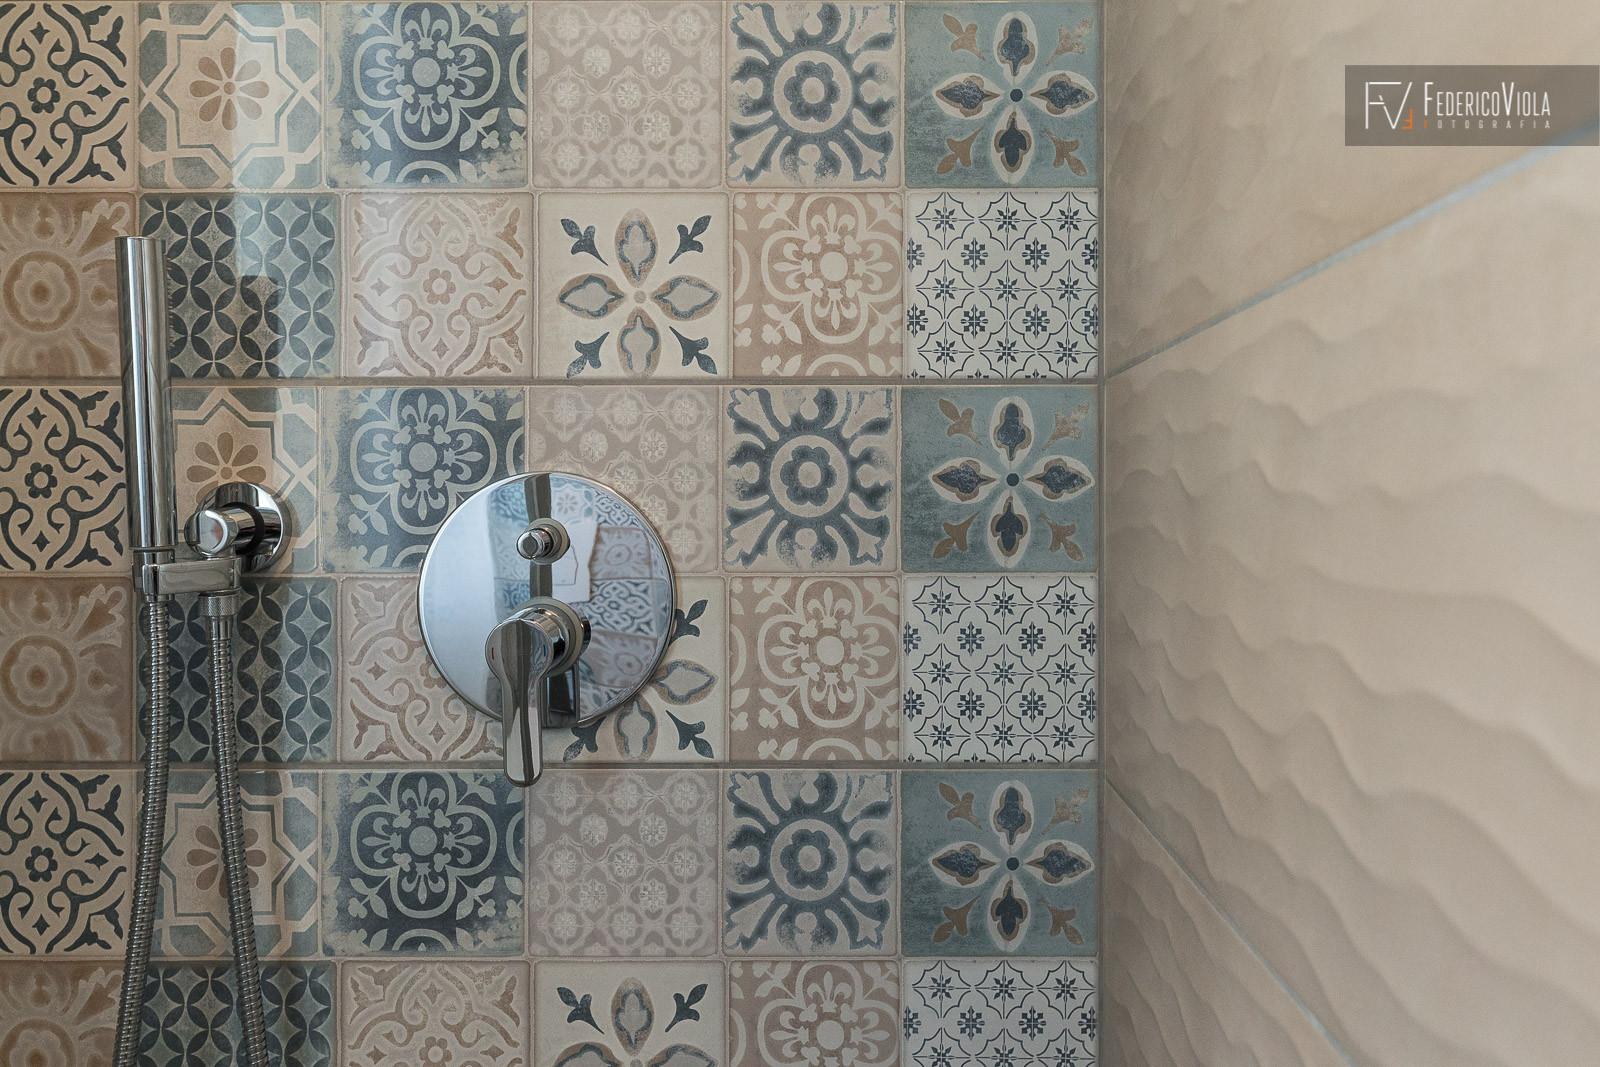 A-casa-di-Monachella-Gaeta-fotografo-cas